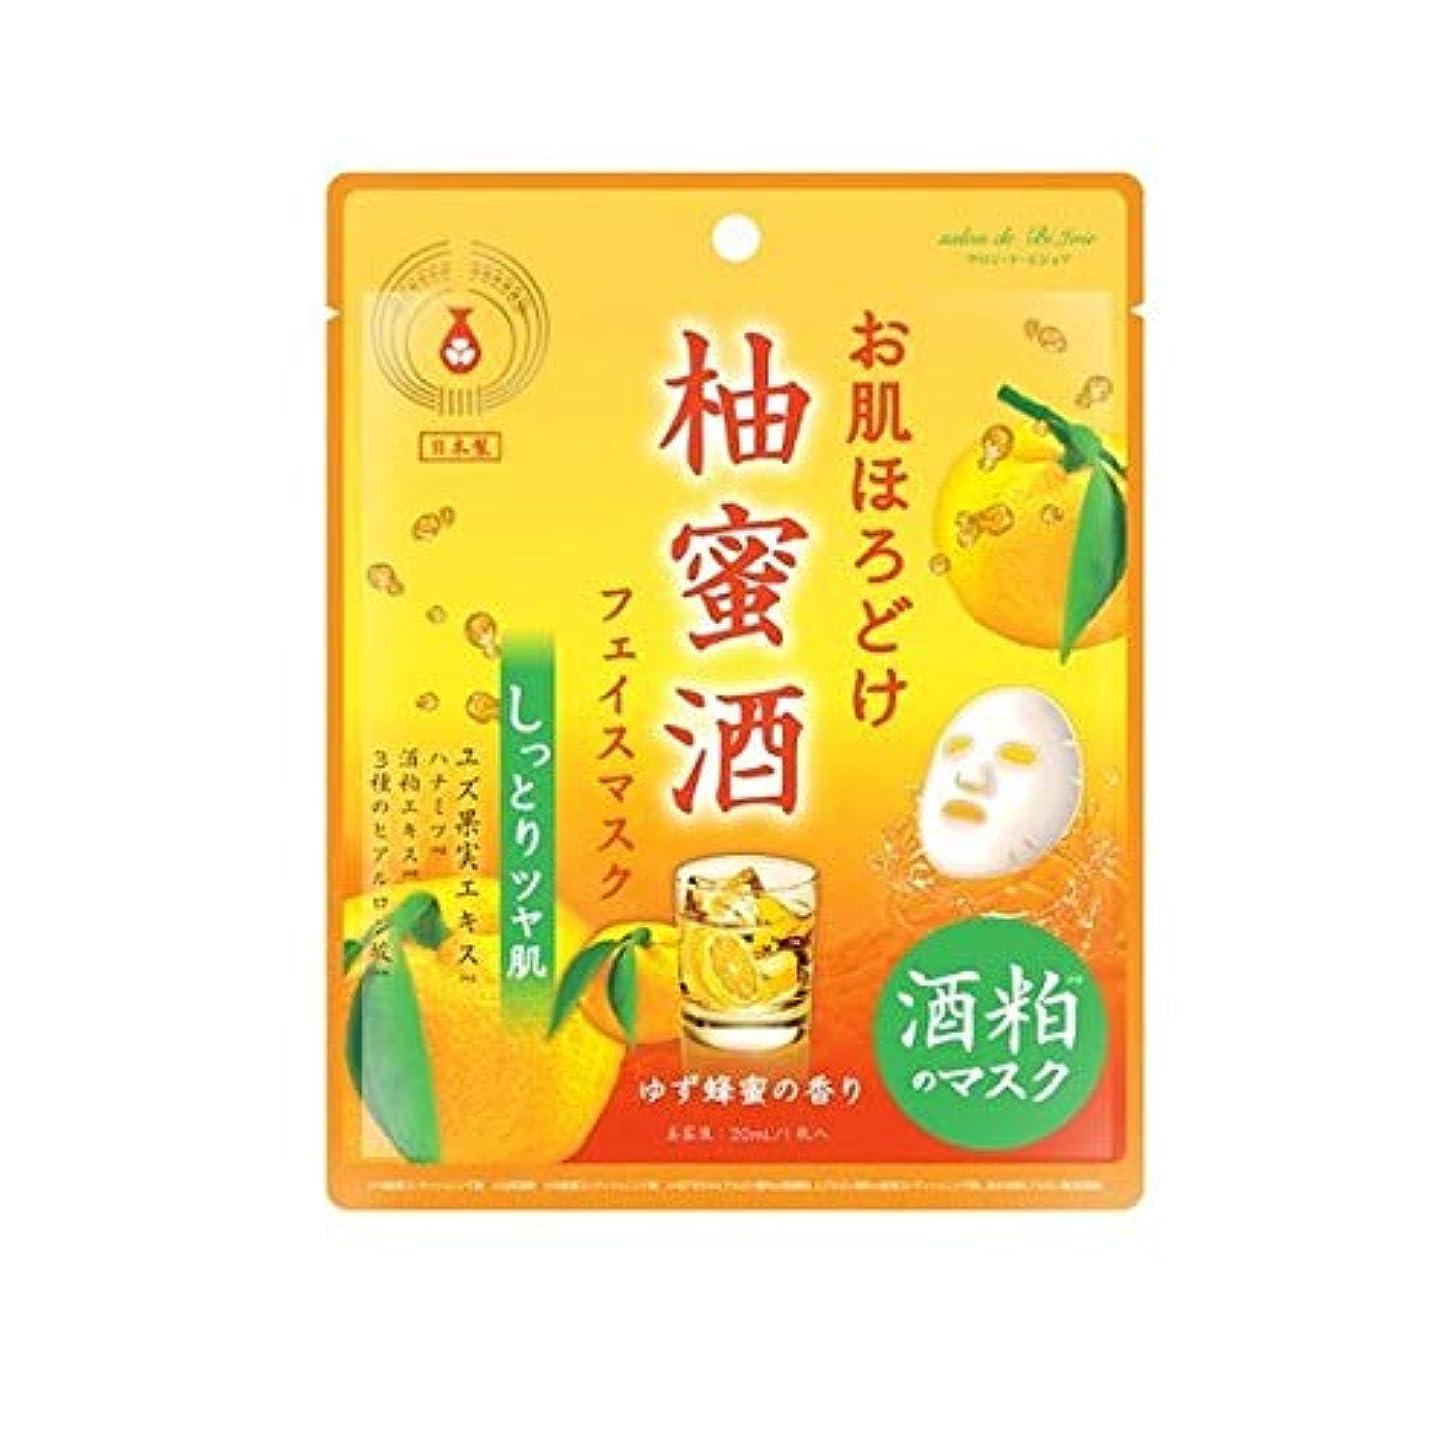 特異な禁止アートBJお肌ほろどけフェイスマスク 柚蜜酒 HDM202 日本製 ゆず蜂蜜の香り 美容 ビューティー グッズ フェイス パック マスク しっとり ツヤ 肌 素肌 美人 保湿